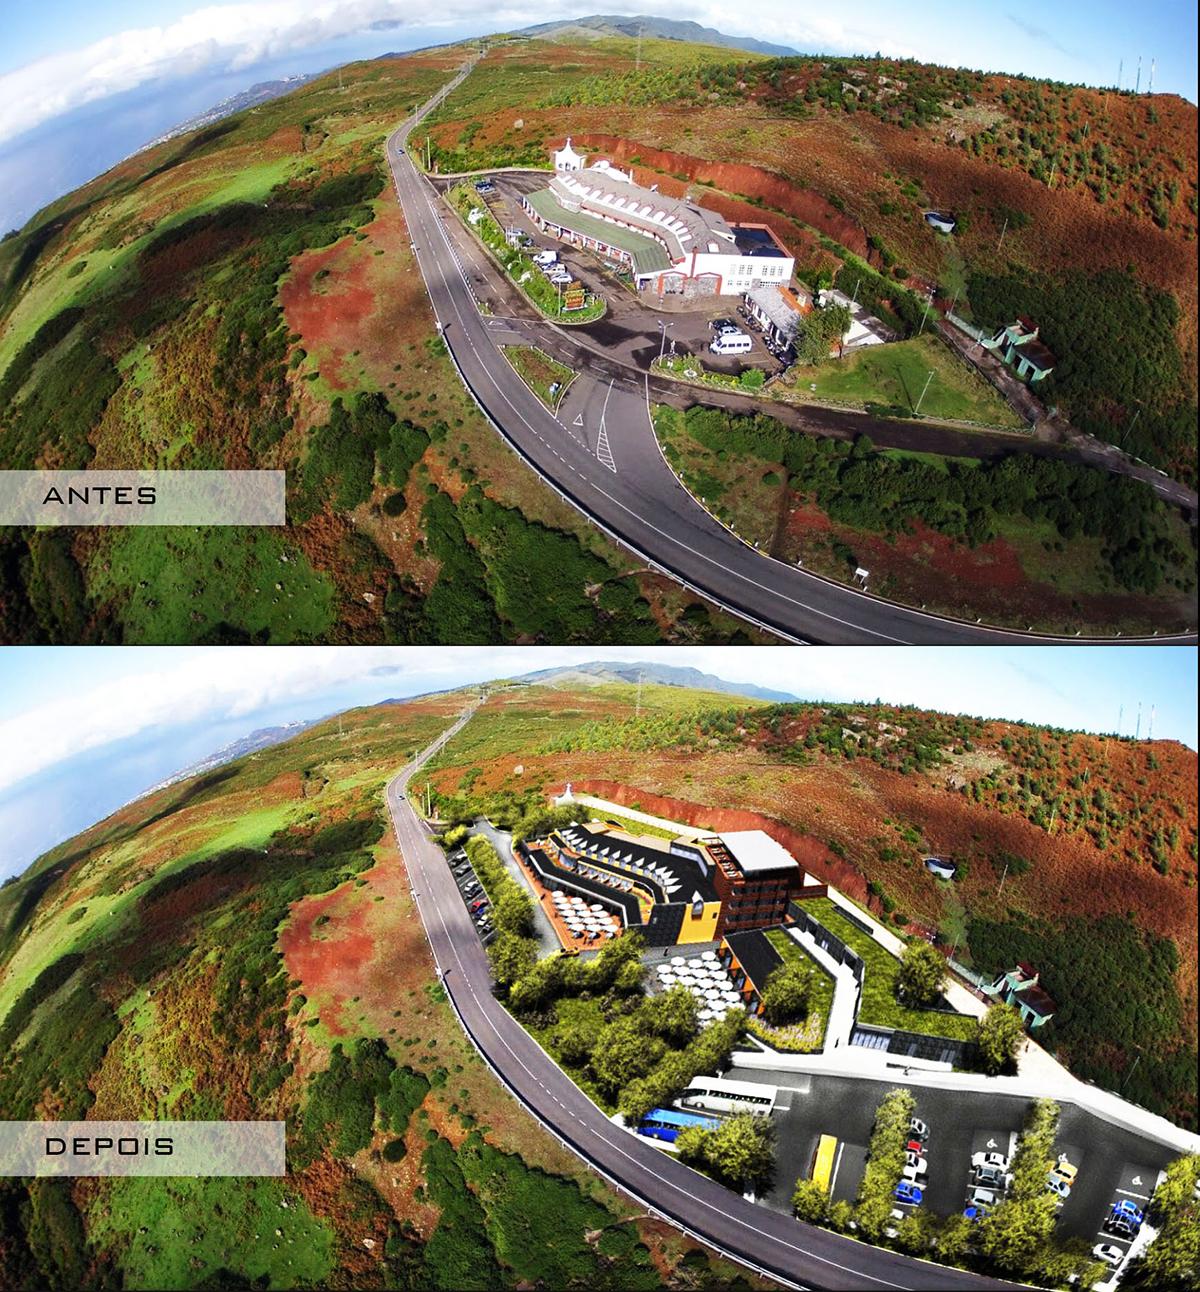 antes-e-depois-hotel-pico-da-urze_1200